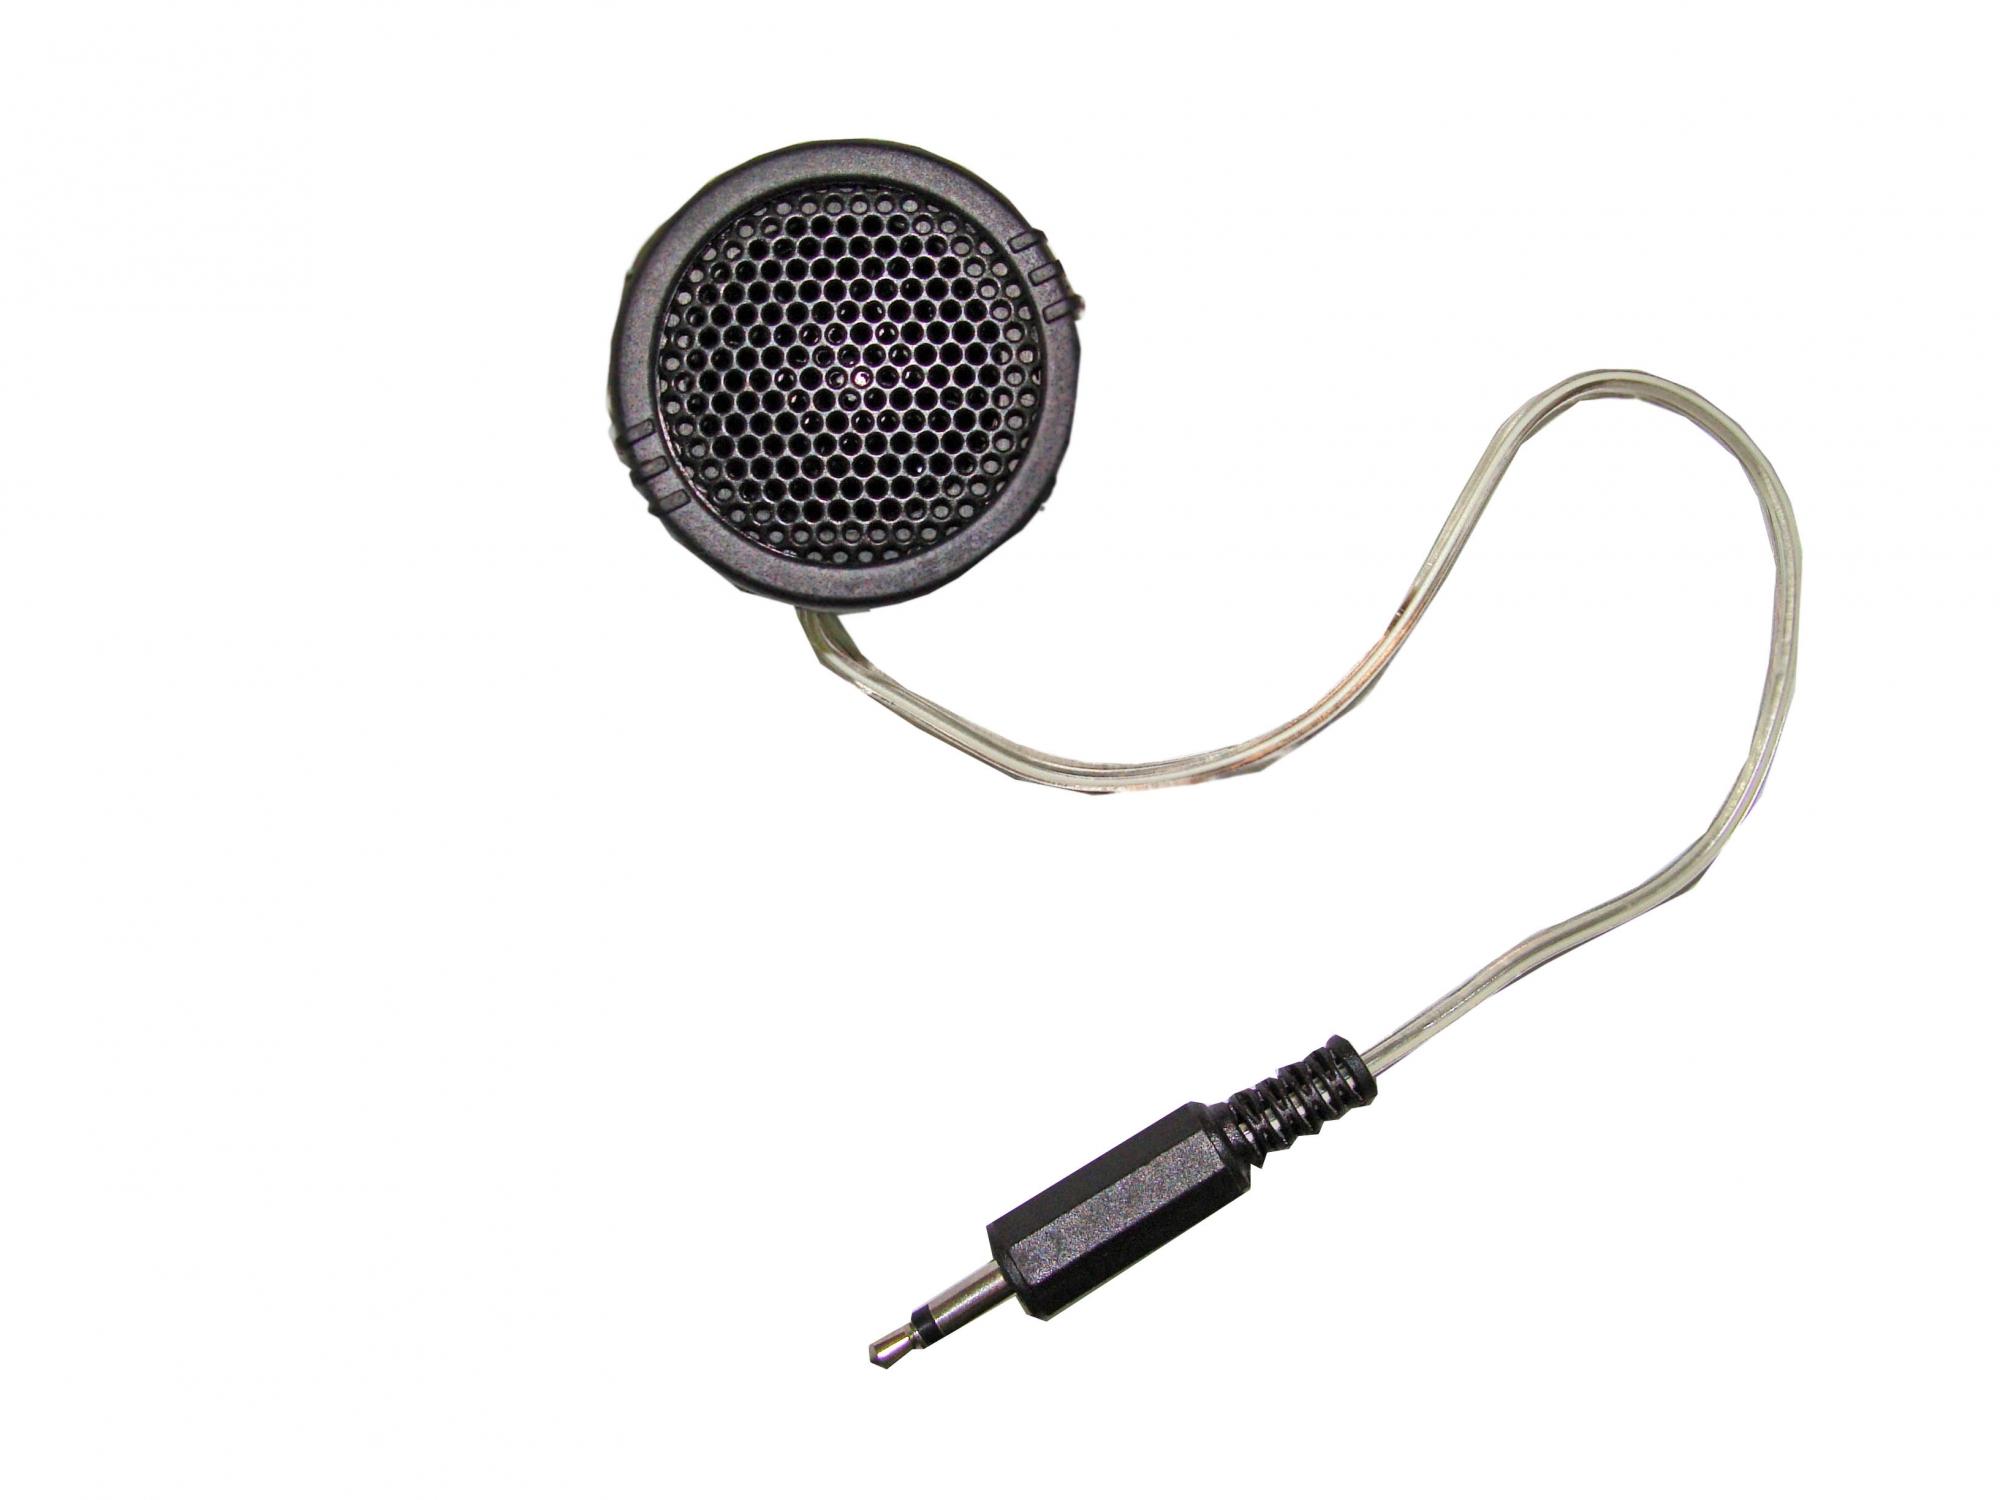 Жучки для прослушки – рейтинг лучших устройств